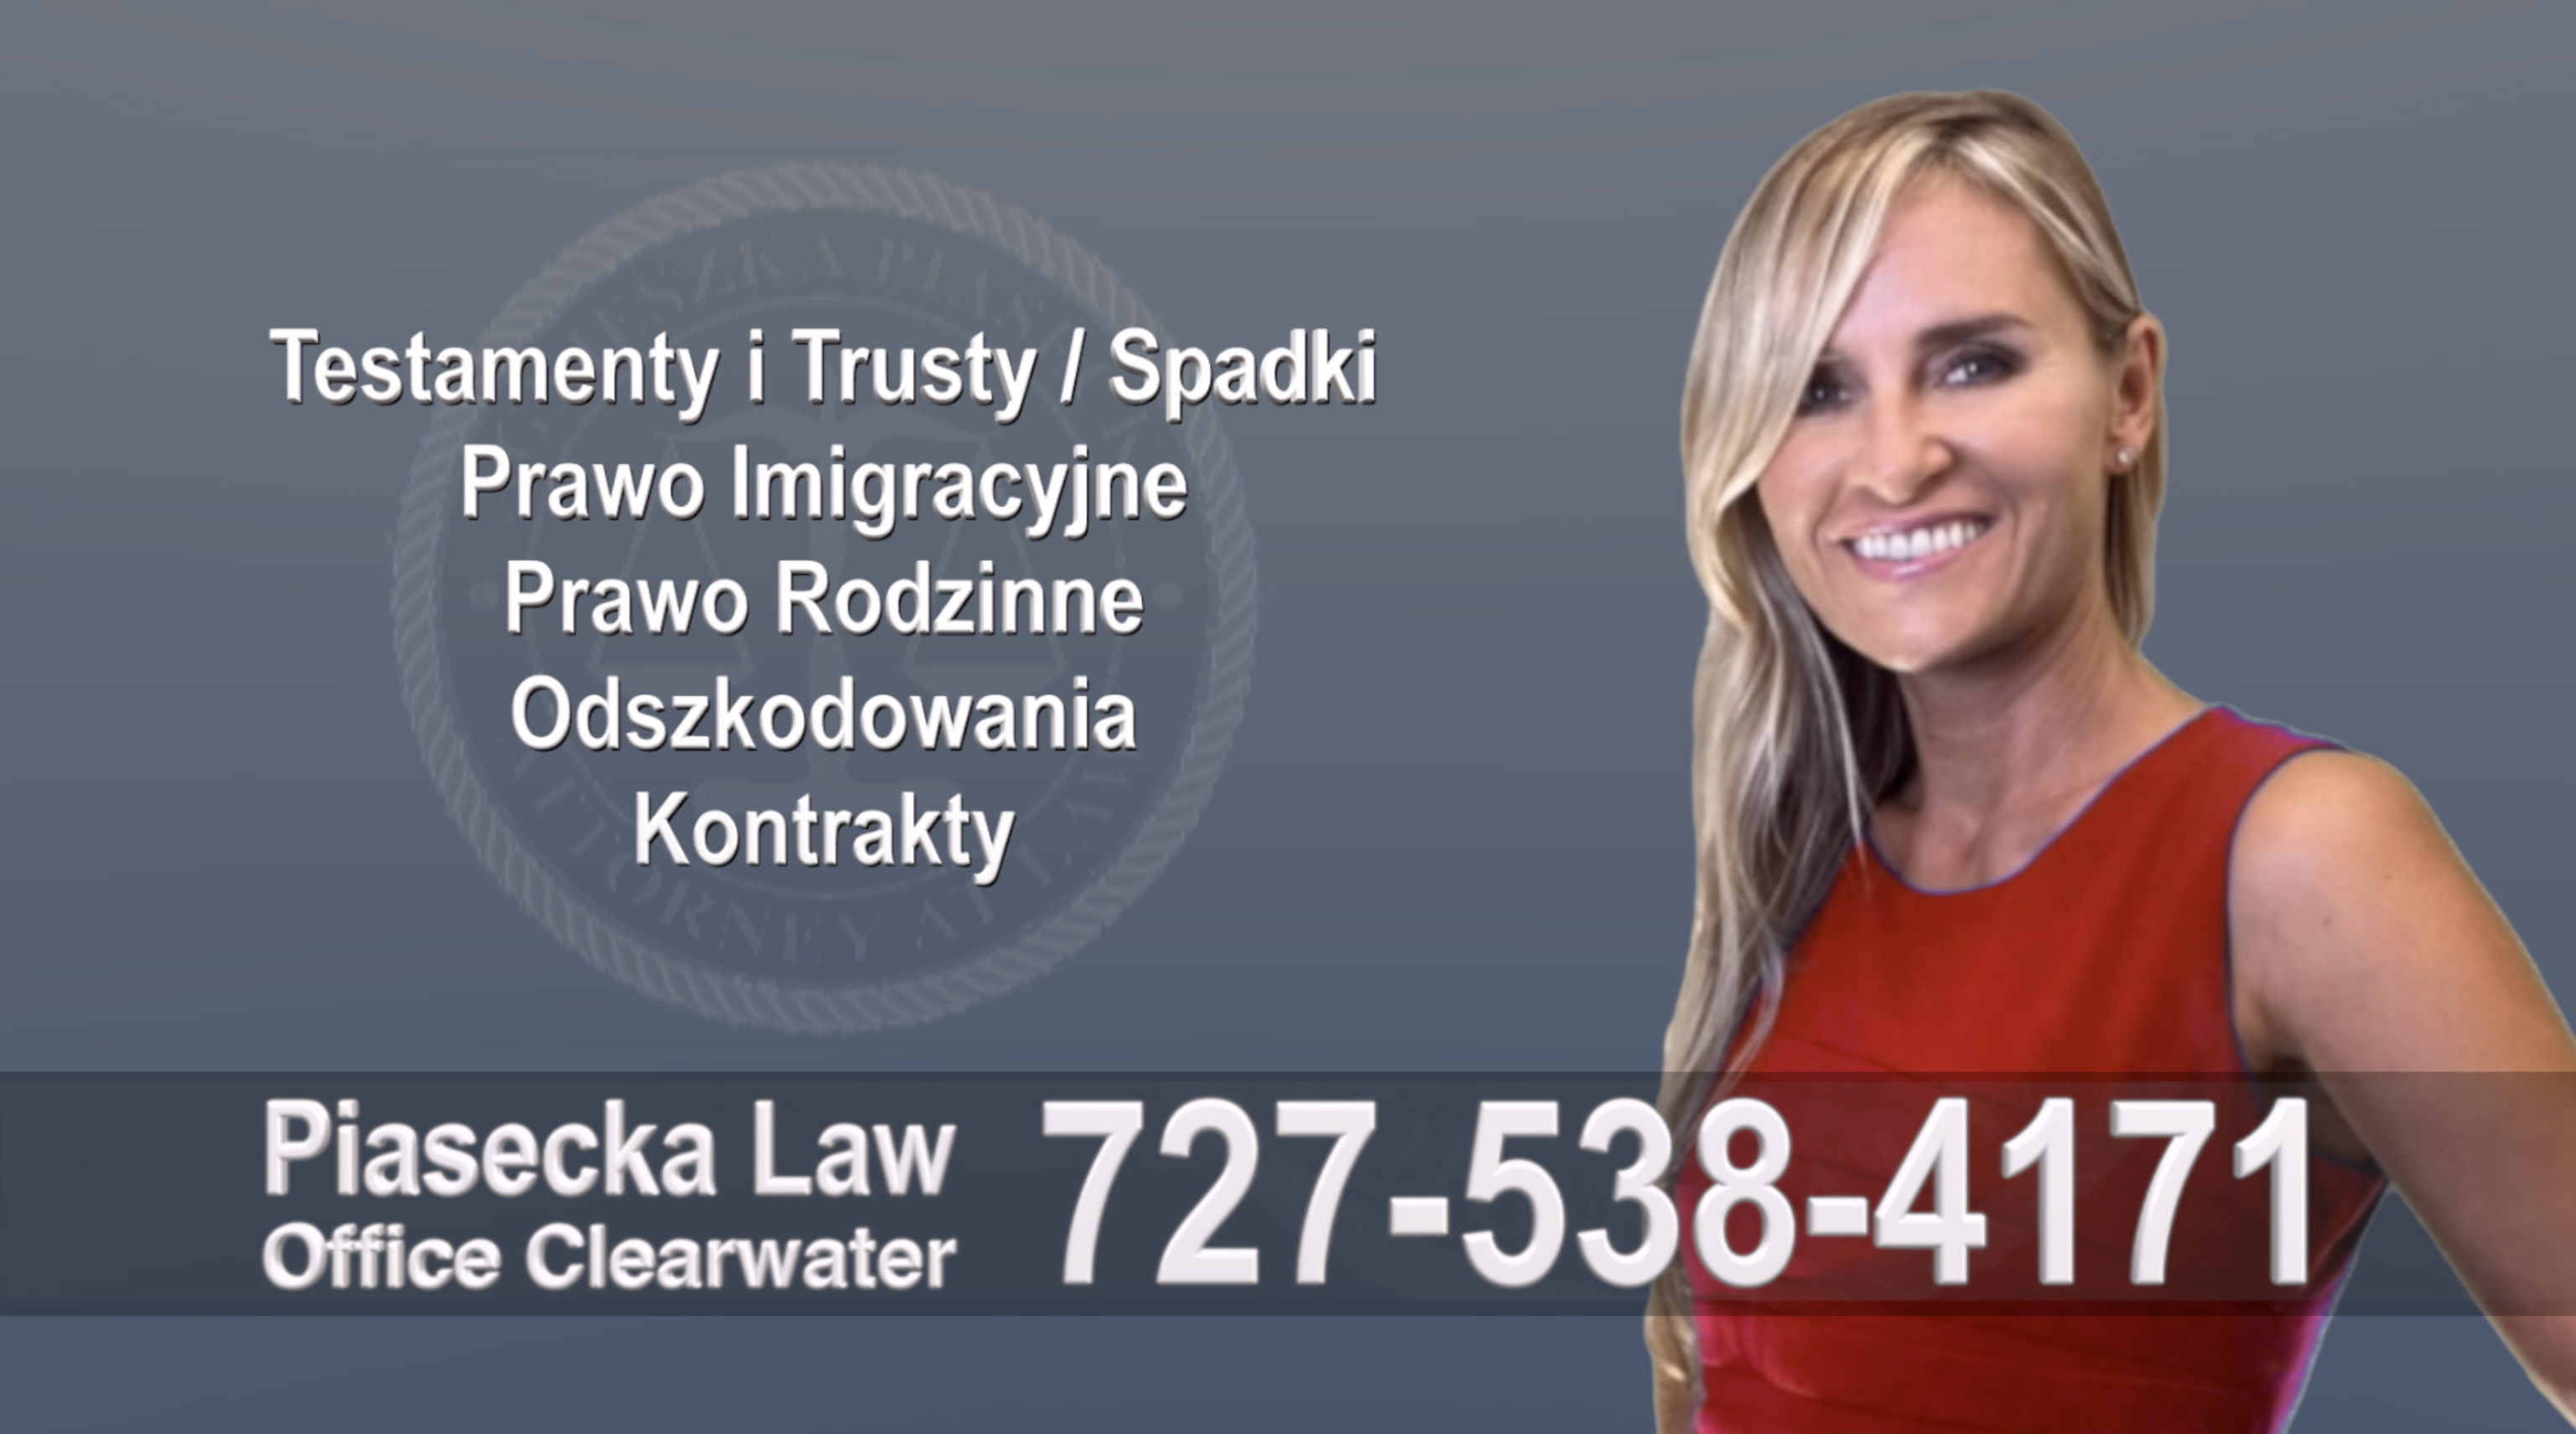 Wimauma Polish, Attorney, Polski, Prawnik, Polscy, Prawnicy, Adwokaci, Adwokat, Polskojęzyczny, Testamenty, Trusty, Prawo, Spadkowe, Imigracyjne, Rodzinne, Odszkodowania, Kontrakty Attorney